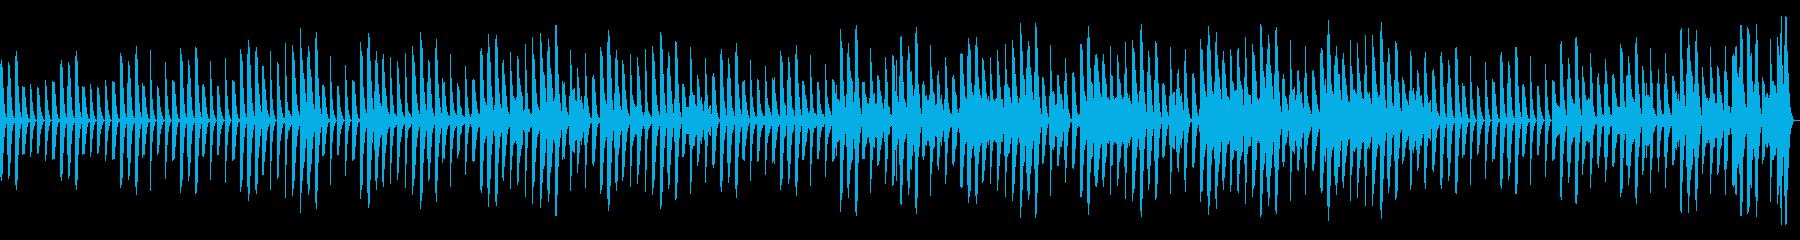 のんびりまったりとした気楽な楽曲の再生済みの波形